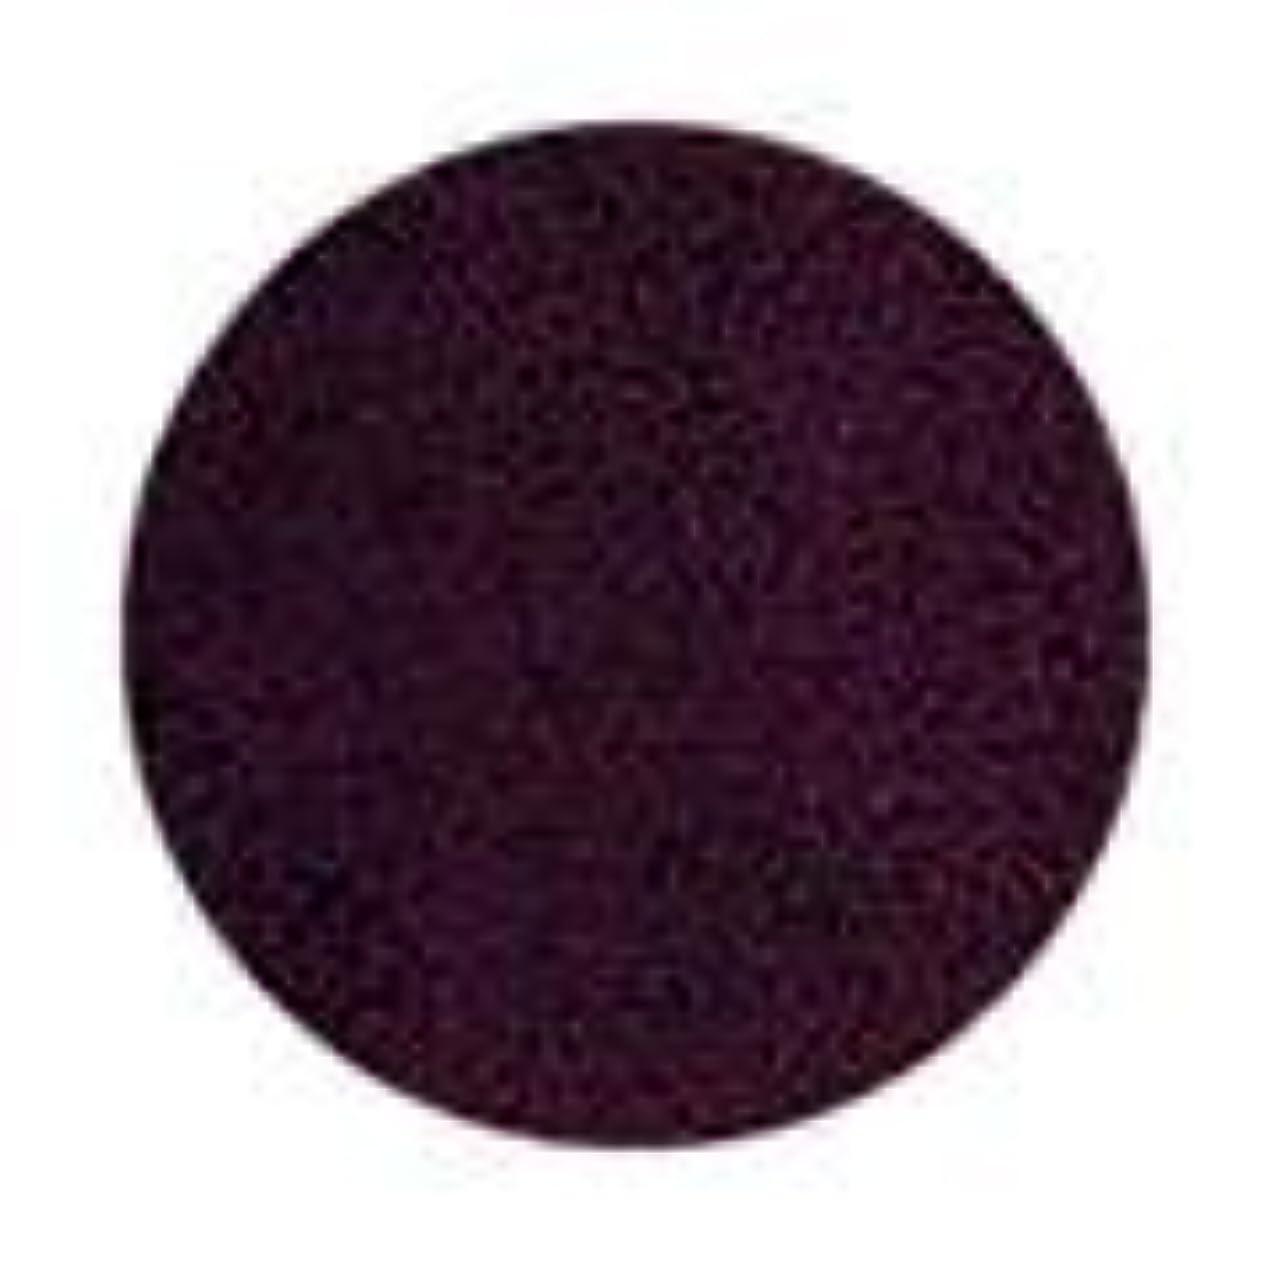 デコードするバラバラにする有毒なJessica ジェレレーション カラー 15ml  708 ノトリアス